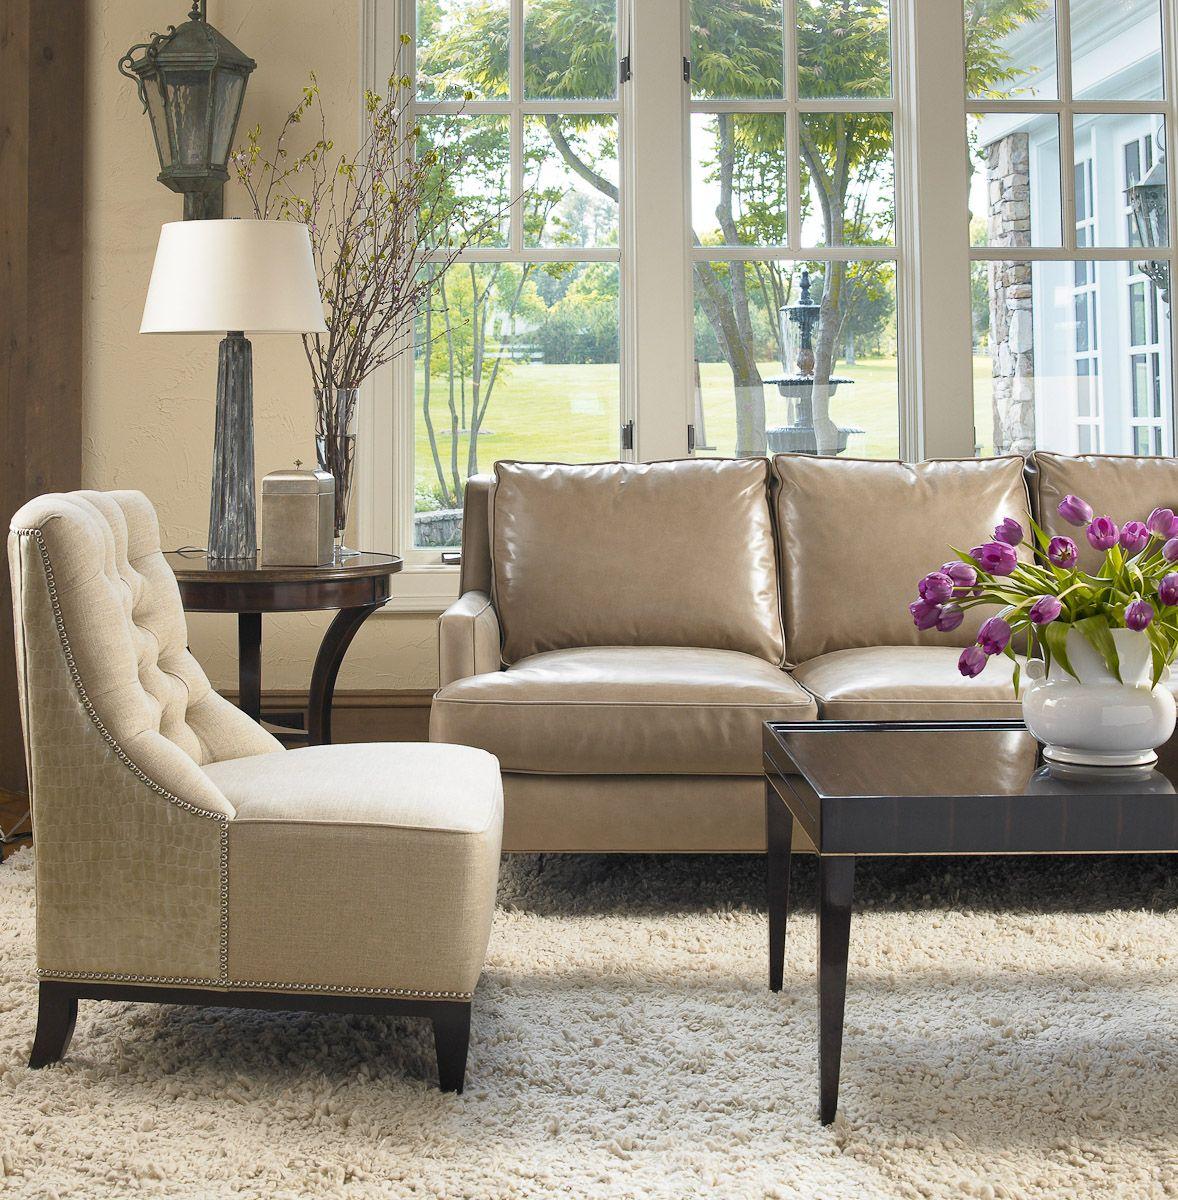 Living Room Sets Jordans hancock & moore jordan sofa - cant decide between jordan sofa and